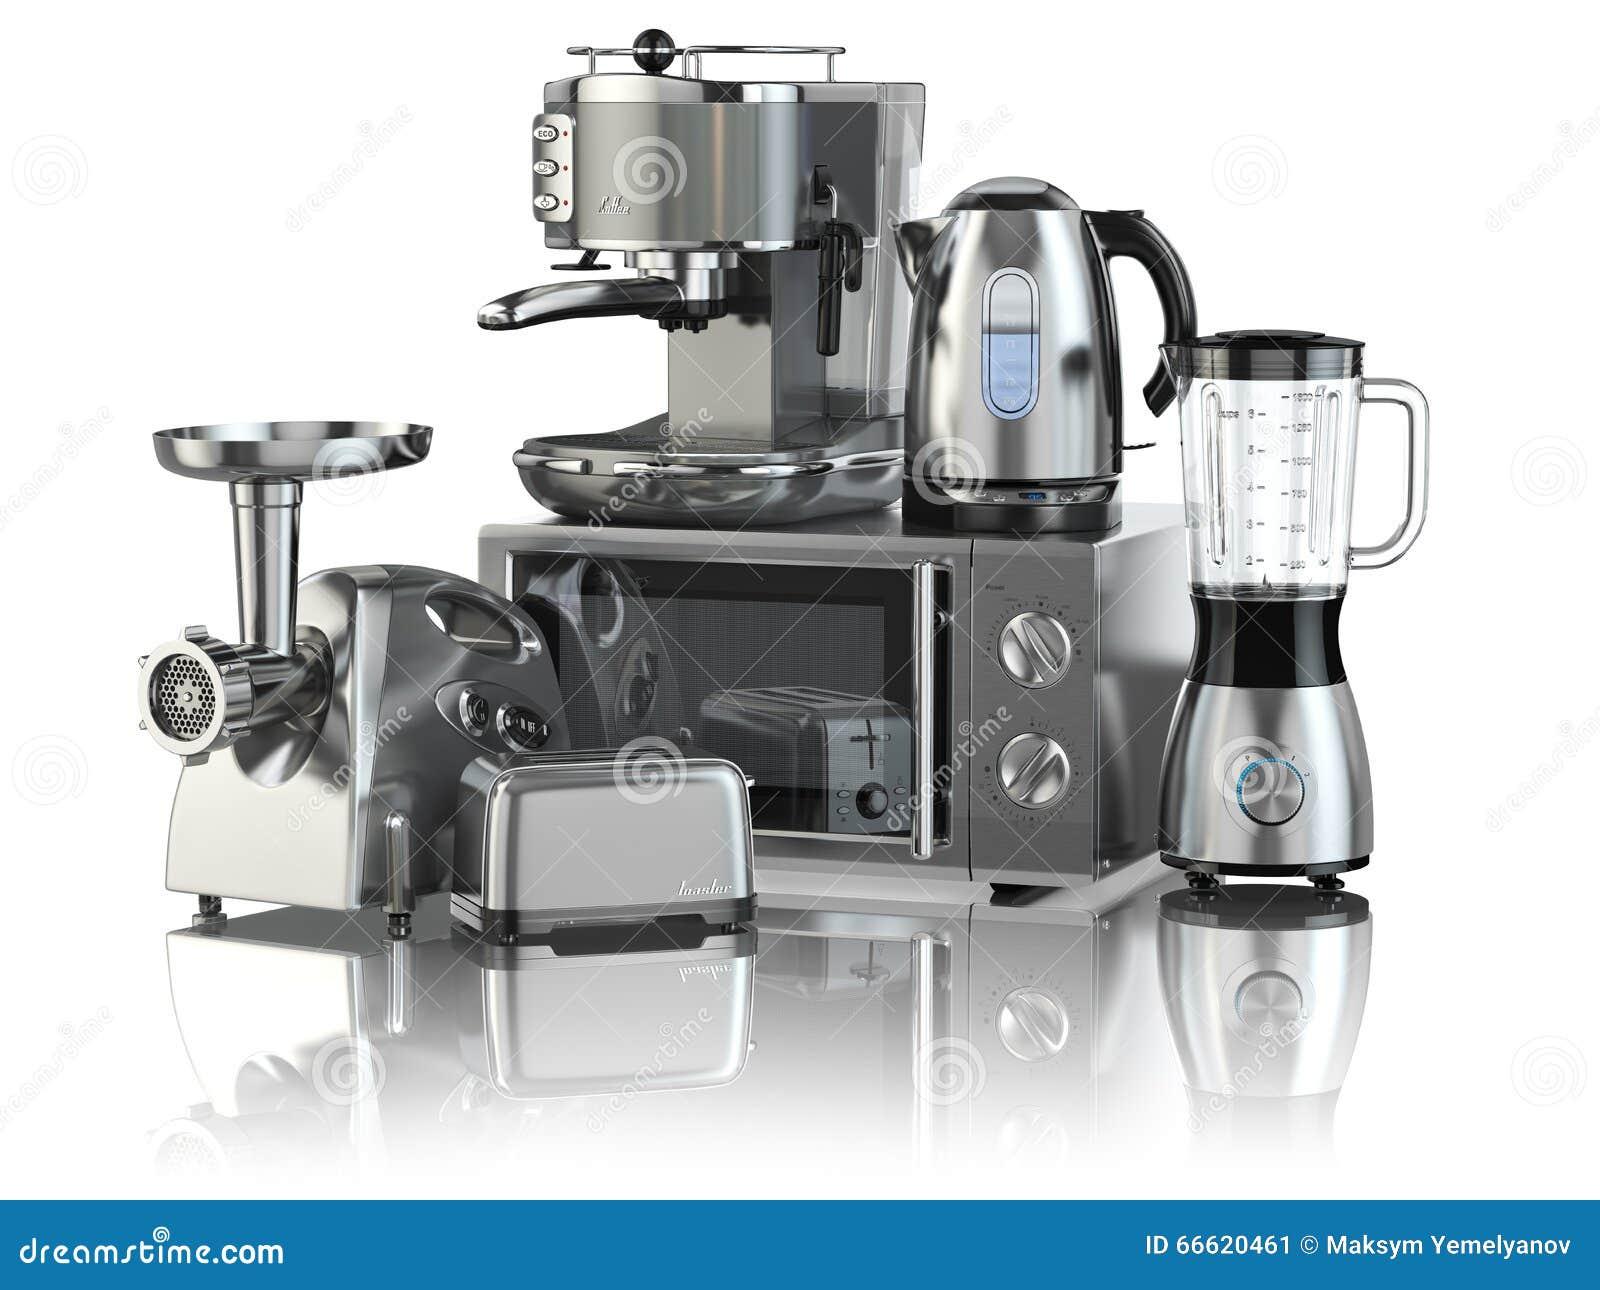 Koffiemachine De Keuken : De toestellen van de keuken mixer broodrooster koffiemachine